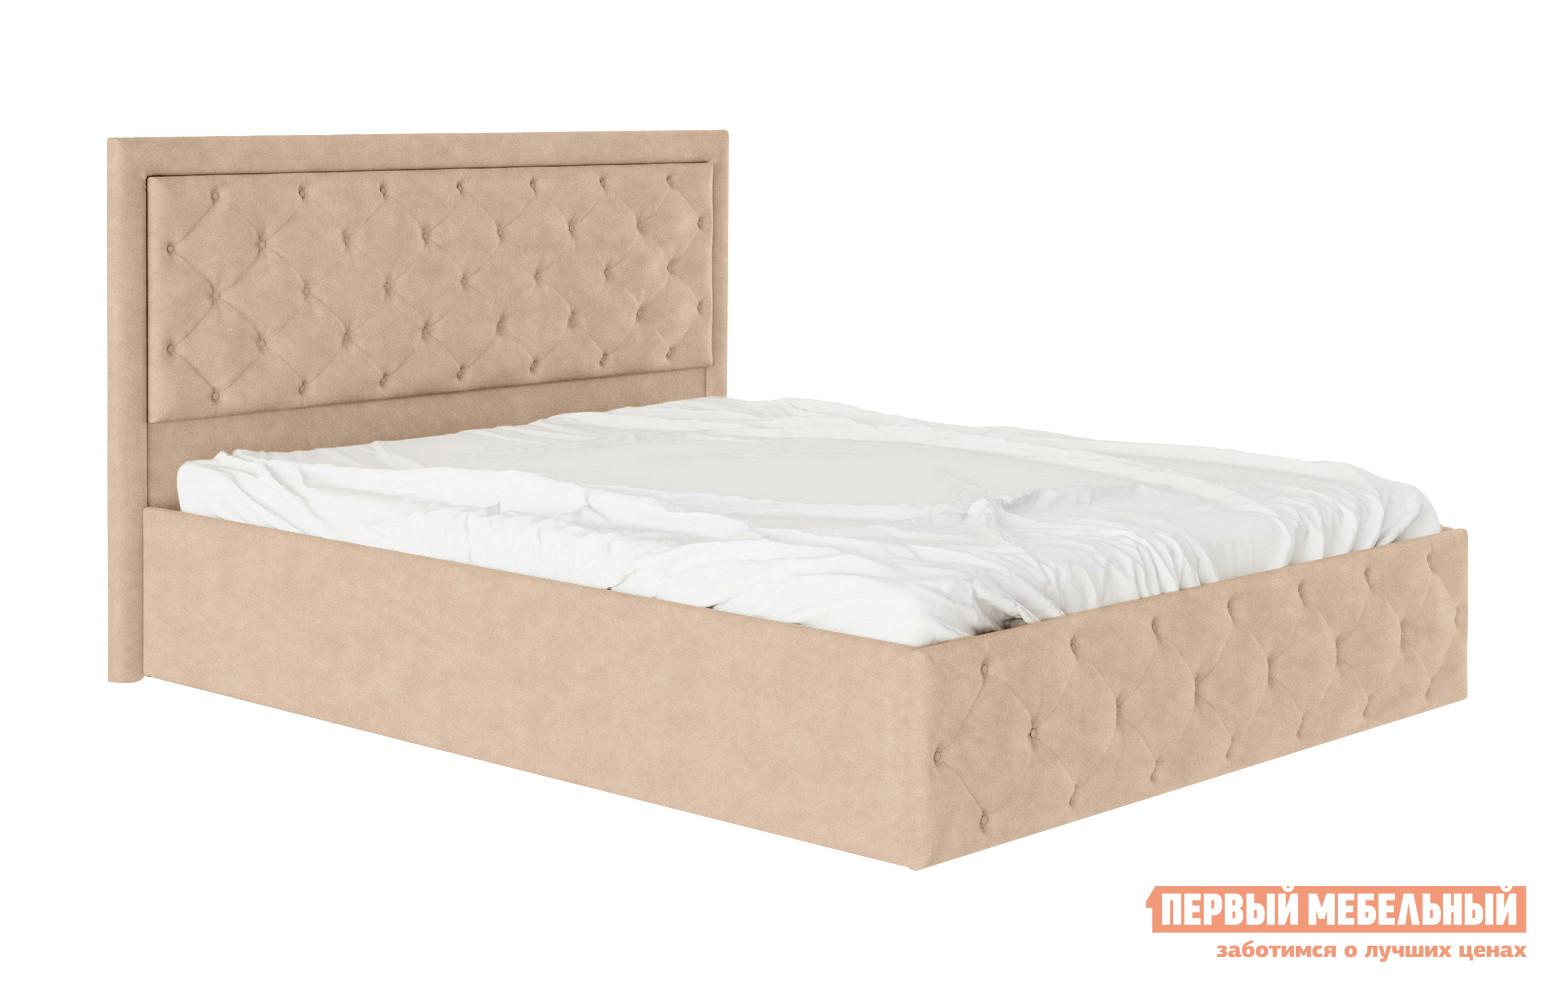 Двуспальная кровать Первый Мебельный Кровать Верона